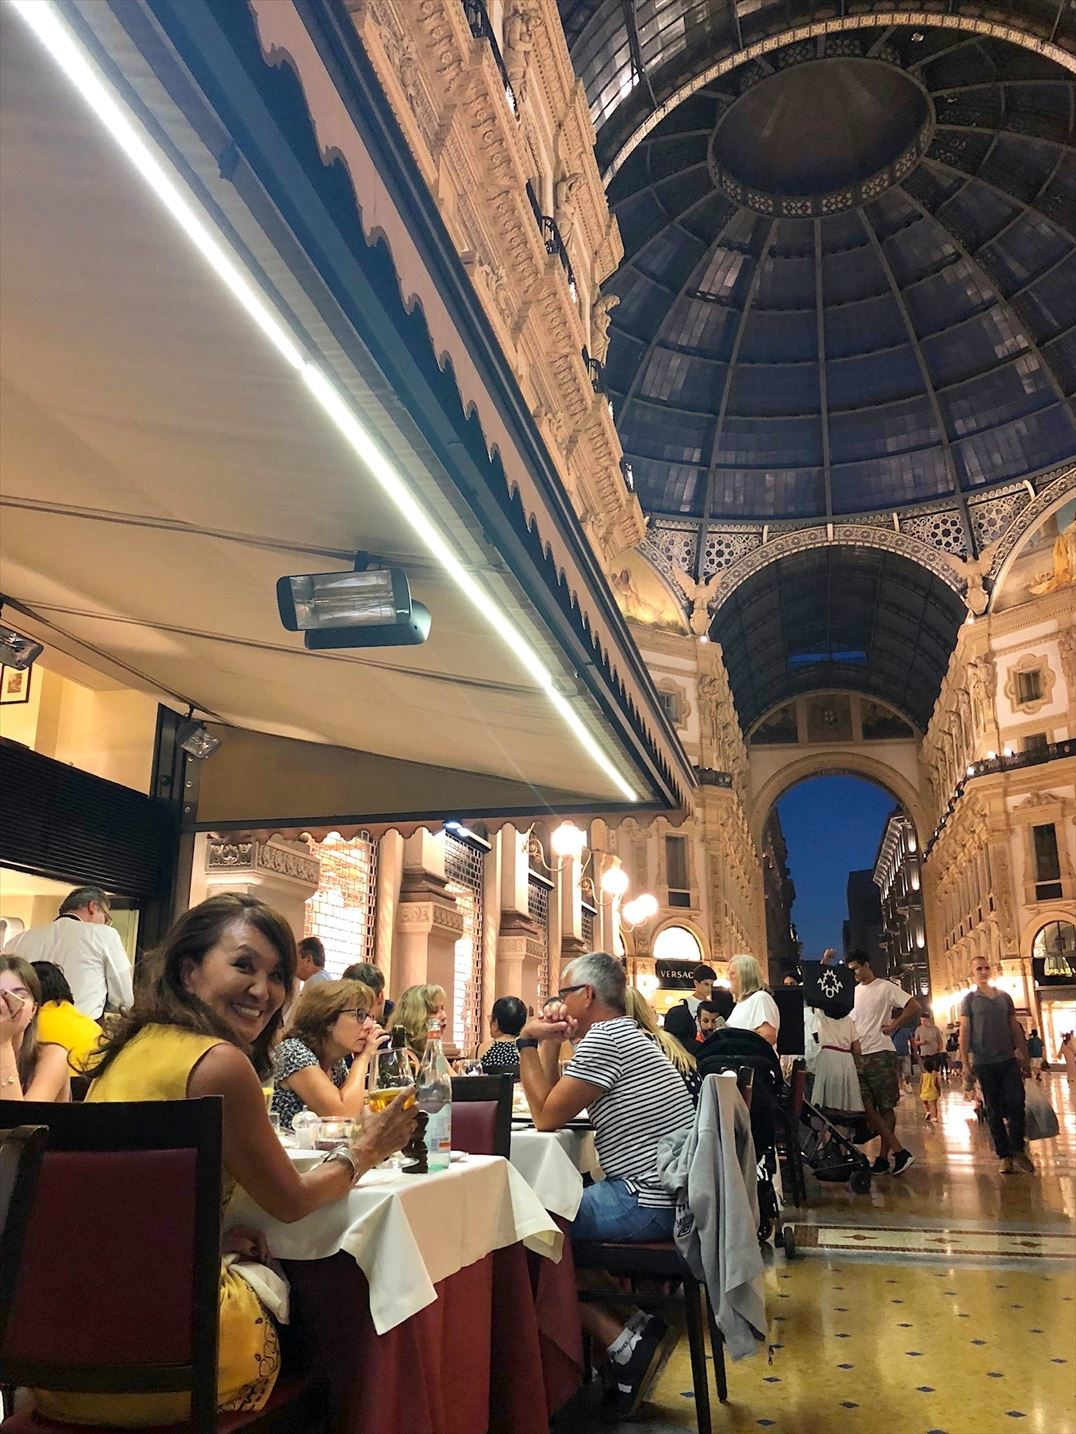 シチリア/ 47  最終回 ミラノで地味な最後の晩餐_a0092659_16025790.jpg